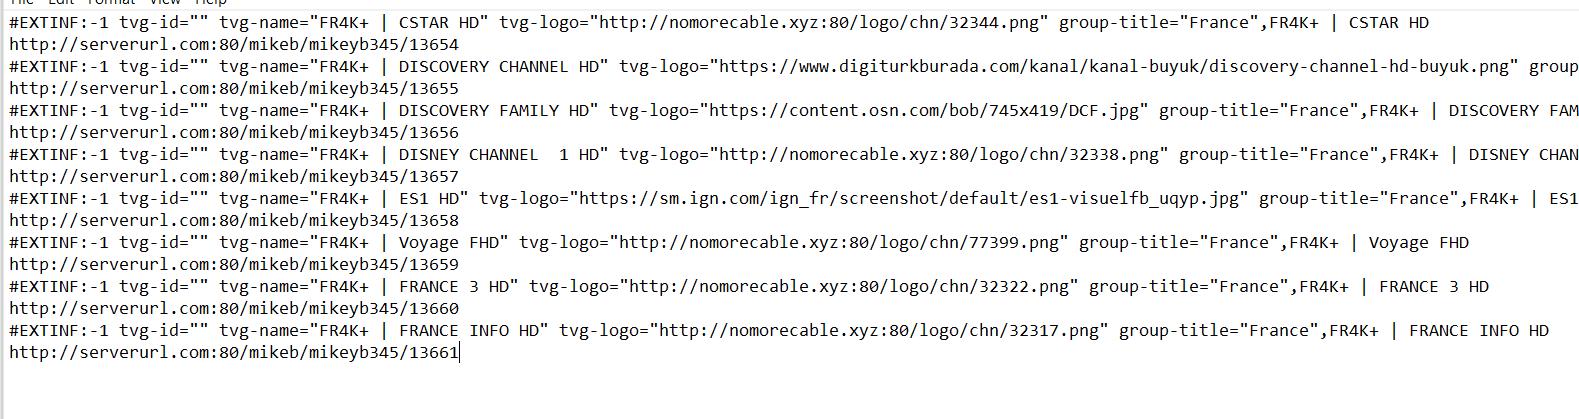 m3u iptv playlist example